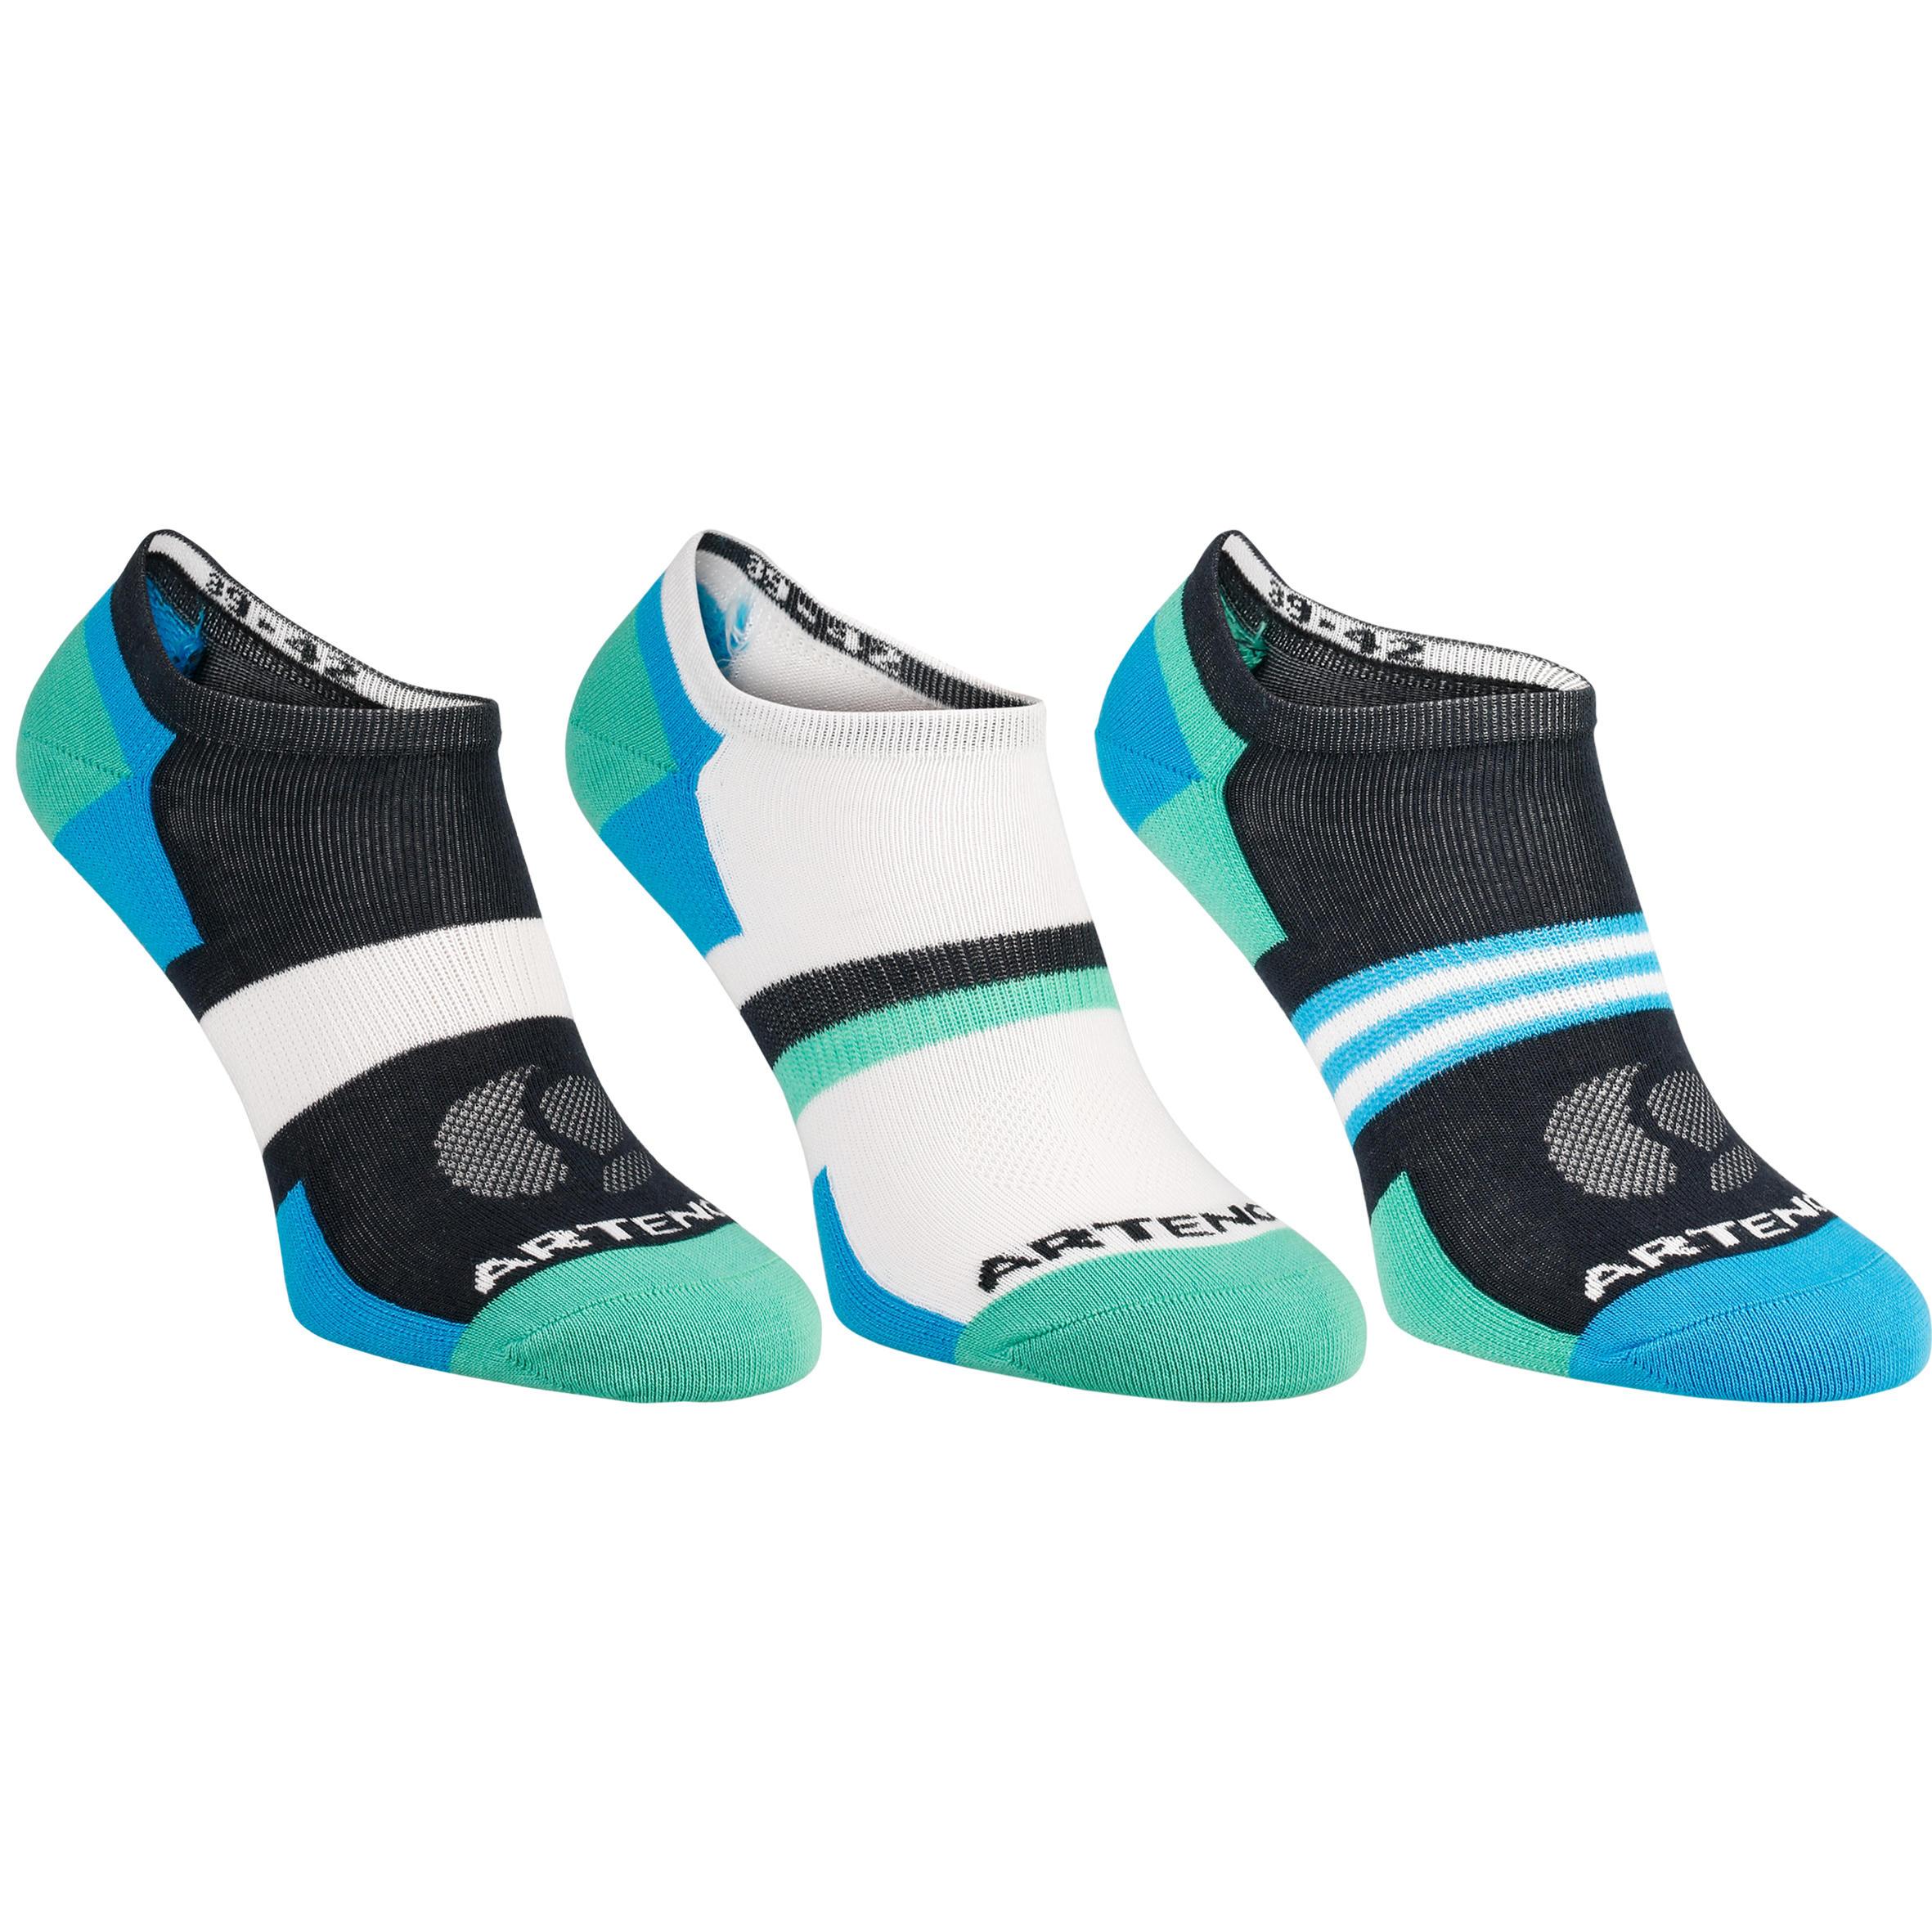 Artengo Lage sportsokken Artengo RS�160 blauw groen 3 paar